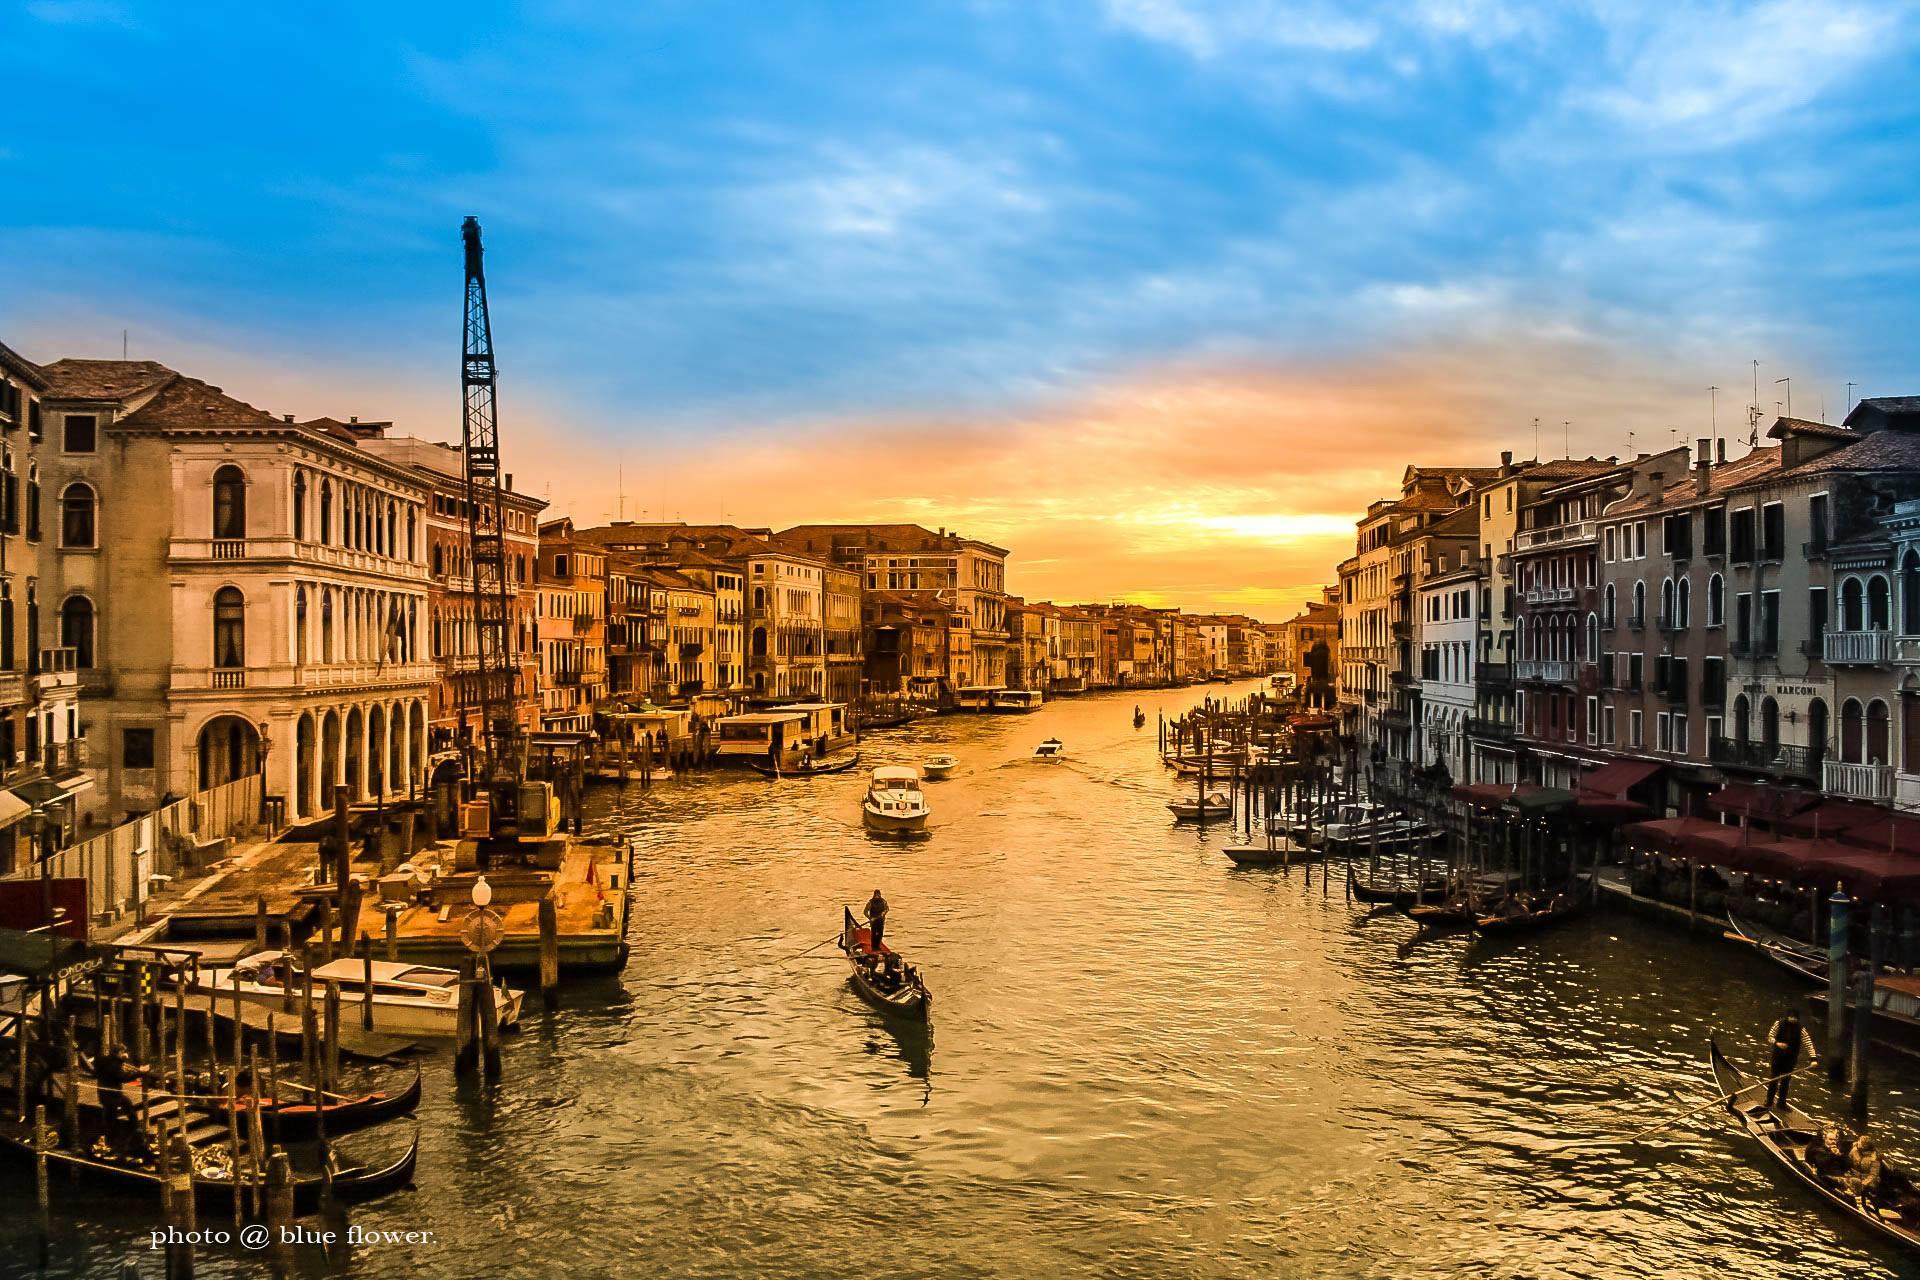 ชีวิตความเป็นอยู่ในประเทศอิตาลี บทสัมภาษณ์น่าอ่านจากคนไทย